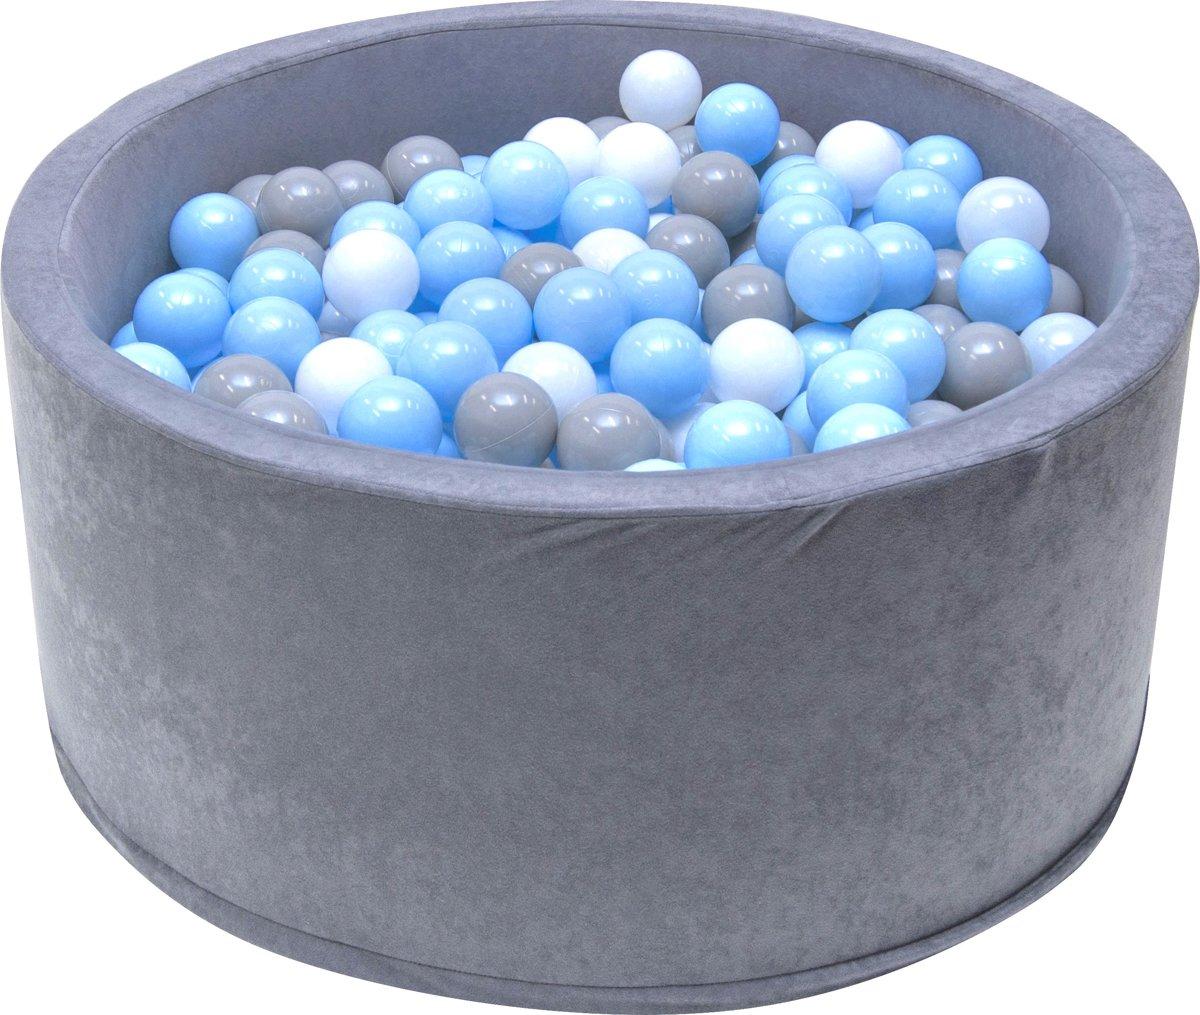 Ballenbak | Grijs incl.  200 witte, grijze en blauwe ballen